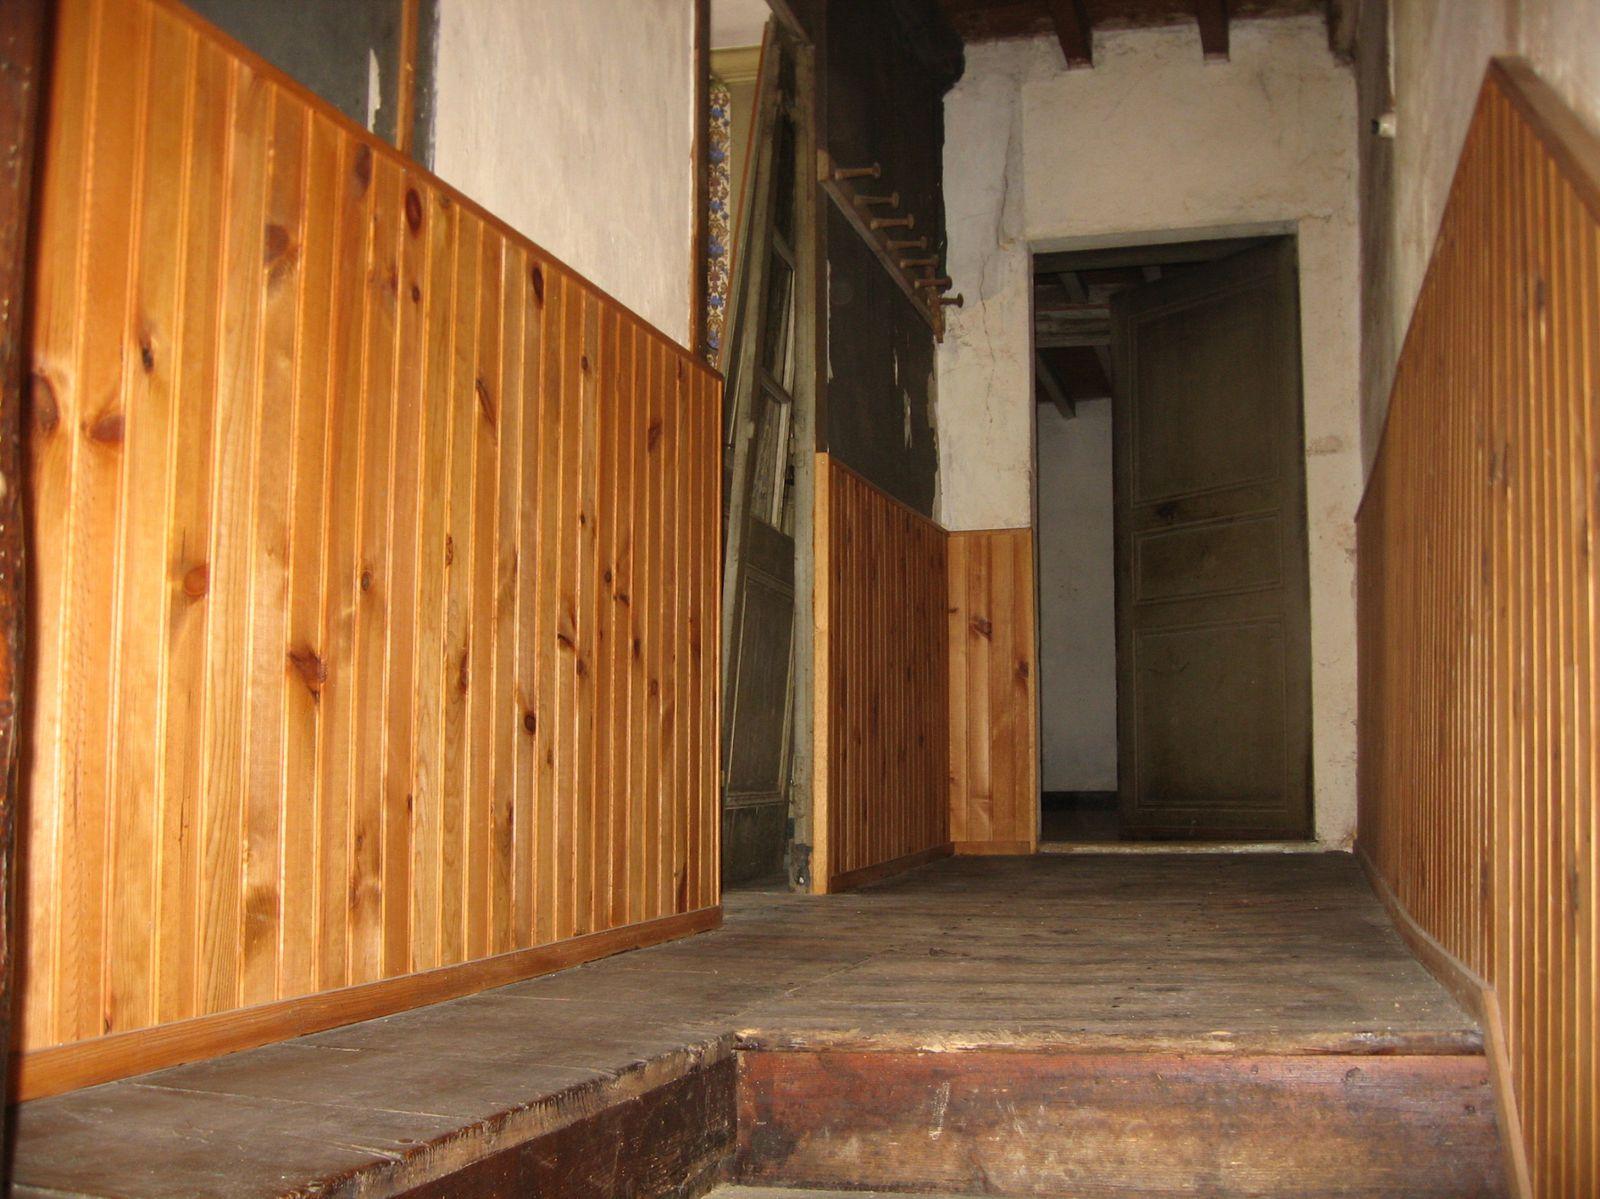 d molition part 1 r novation d 39 une maison du beaujolais. Black Bedroom Furniture Sets. Home Design Ideas